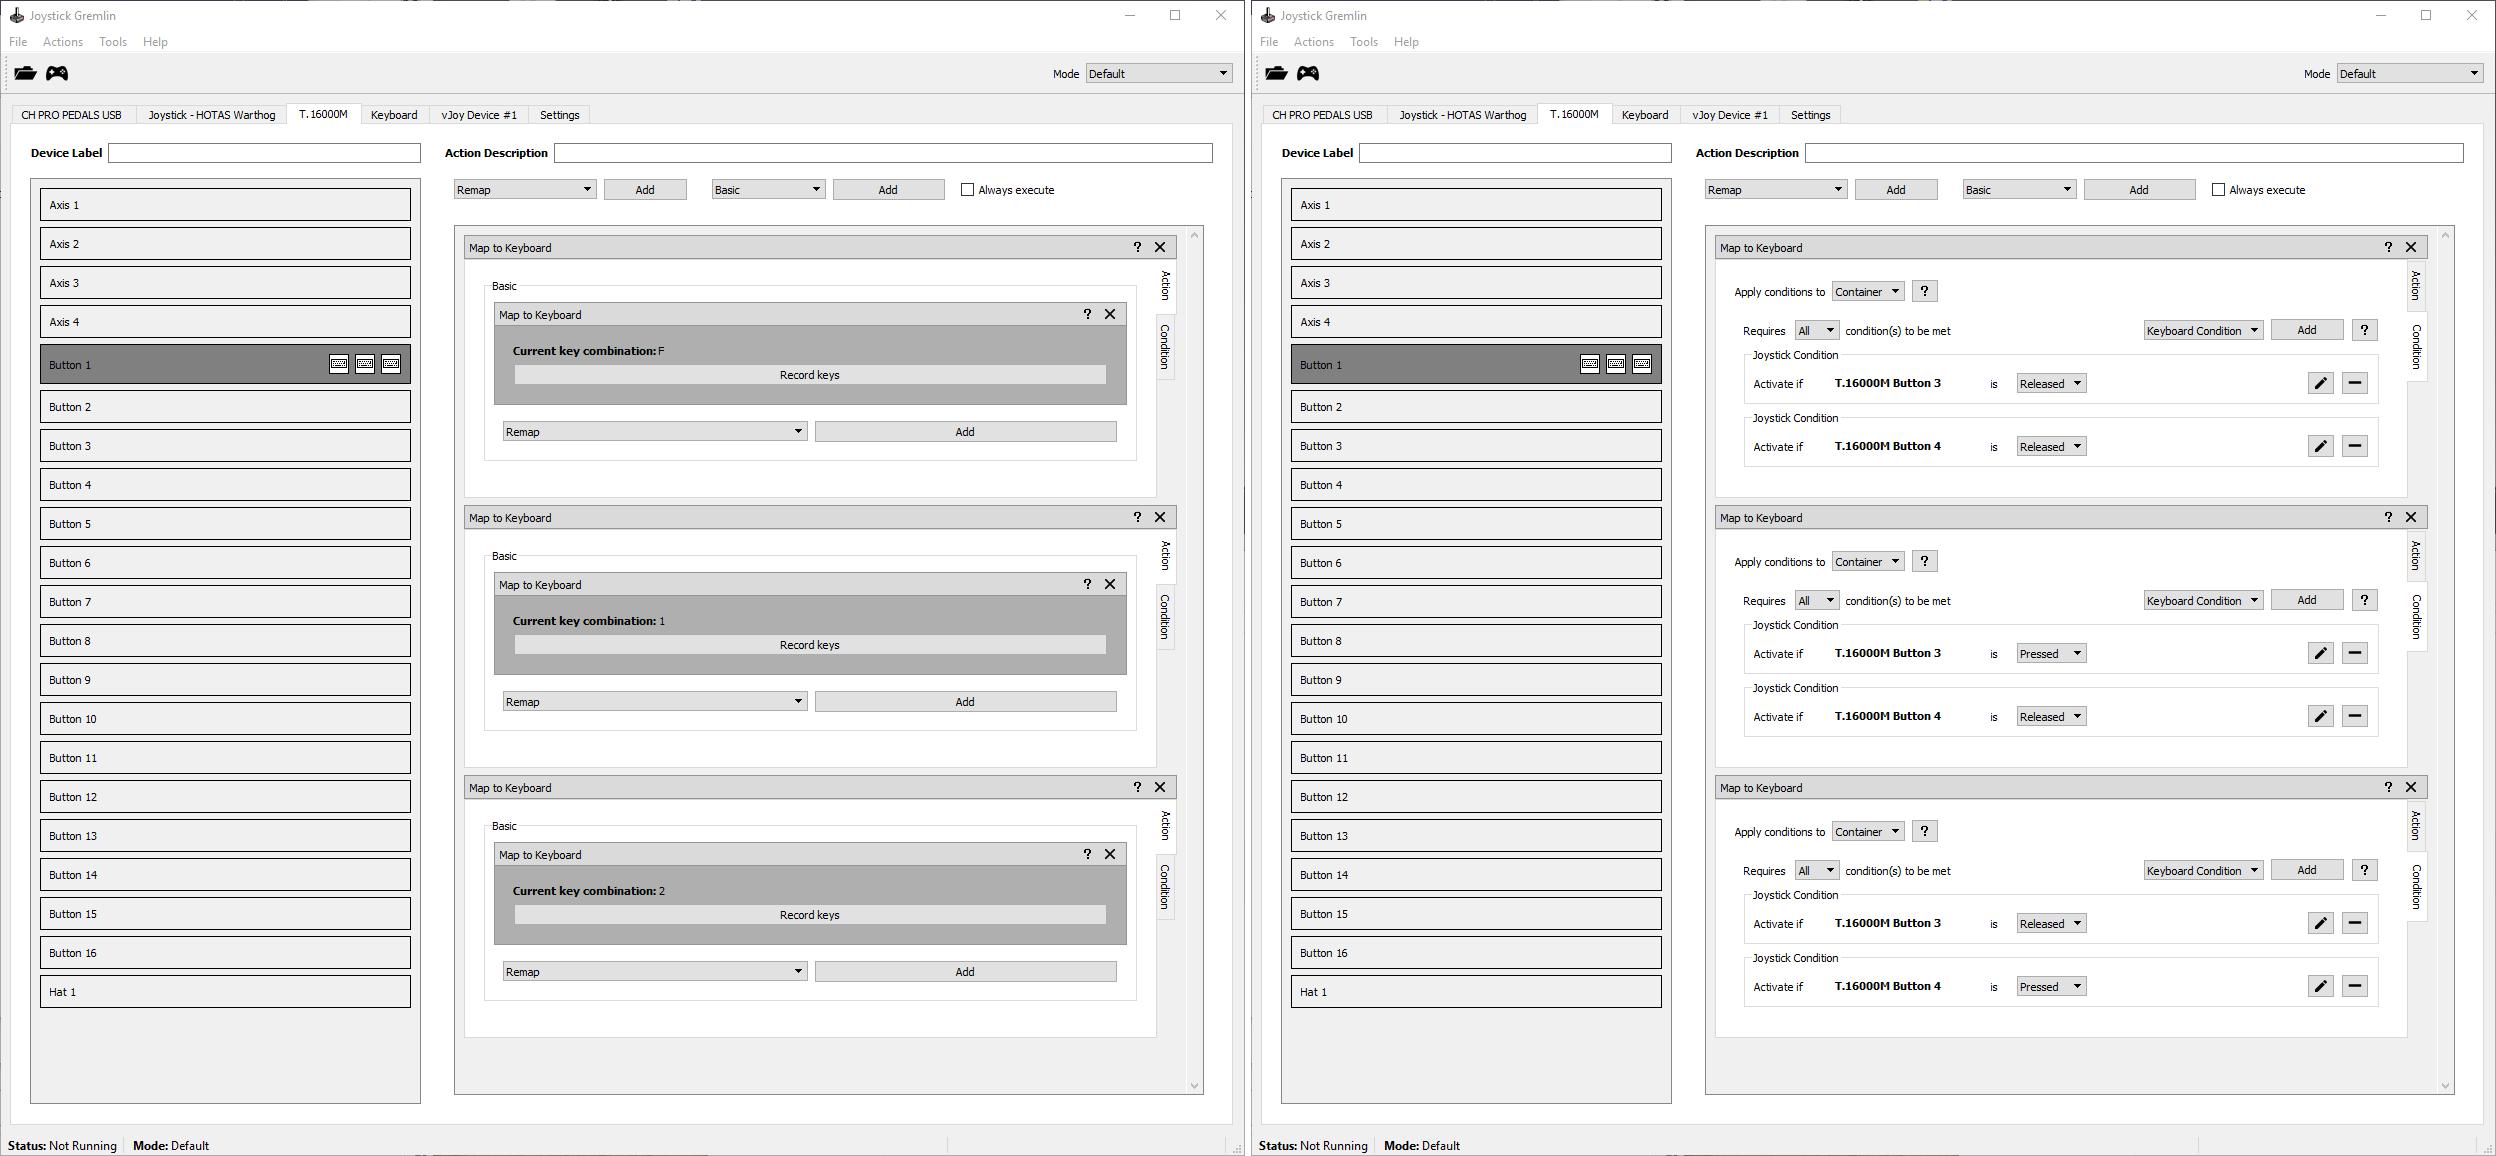 JoyToKey vs Joystick Gremlin - 3rd Party Apps, Utilities